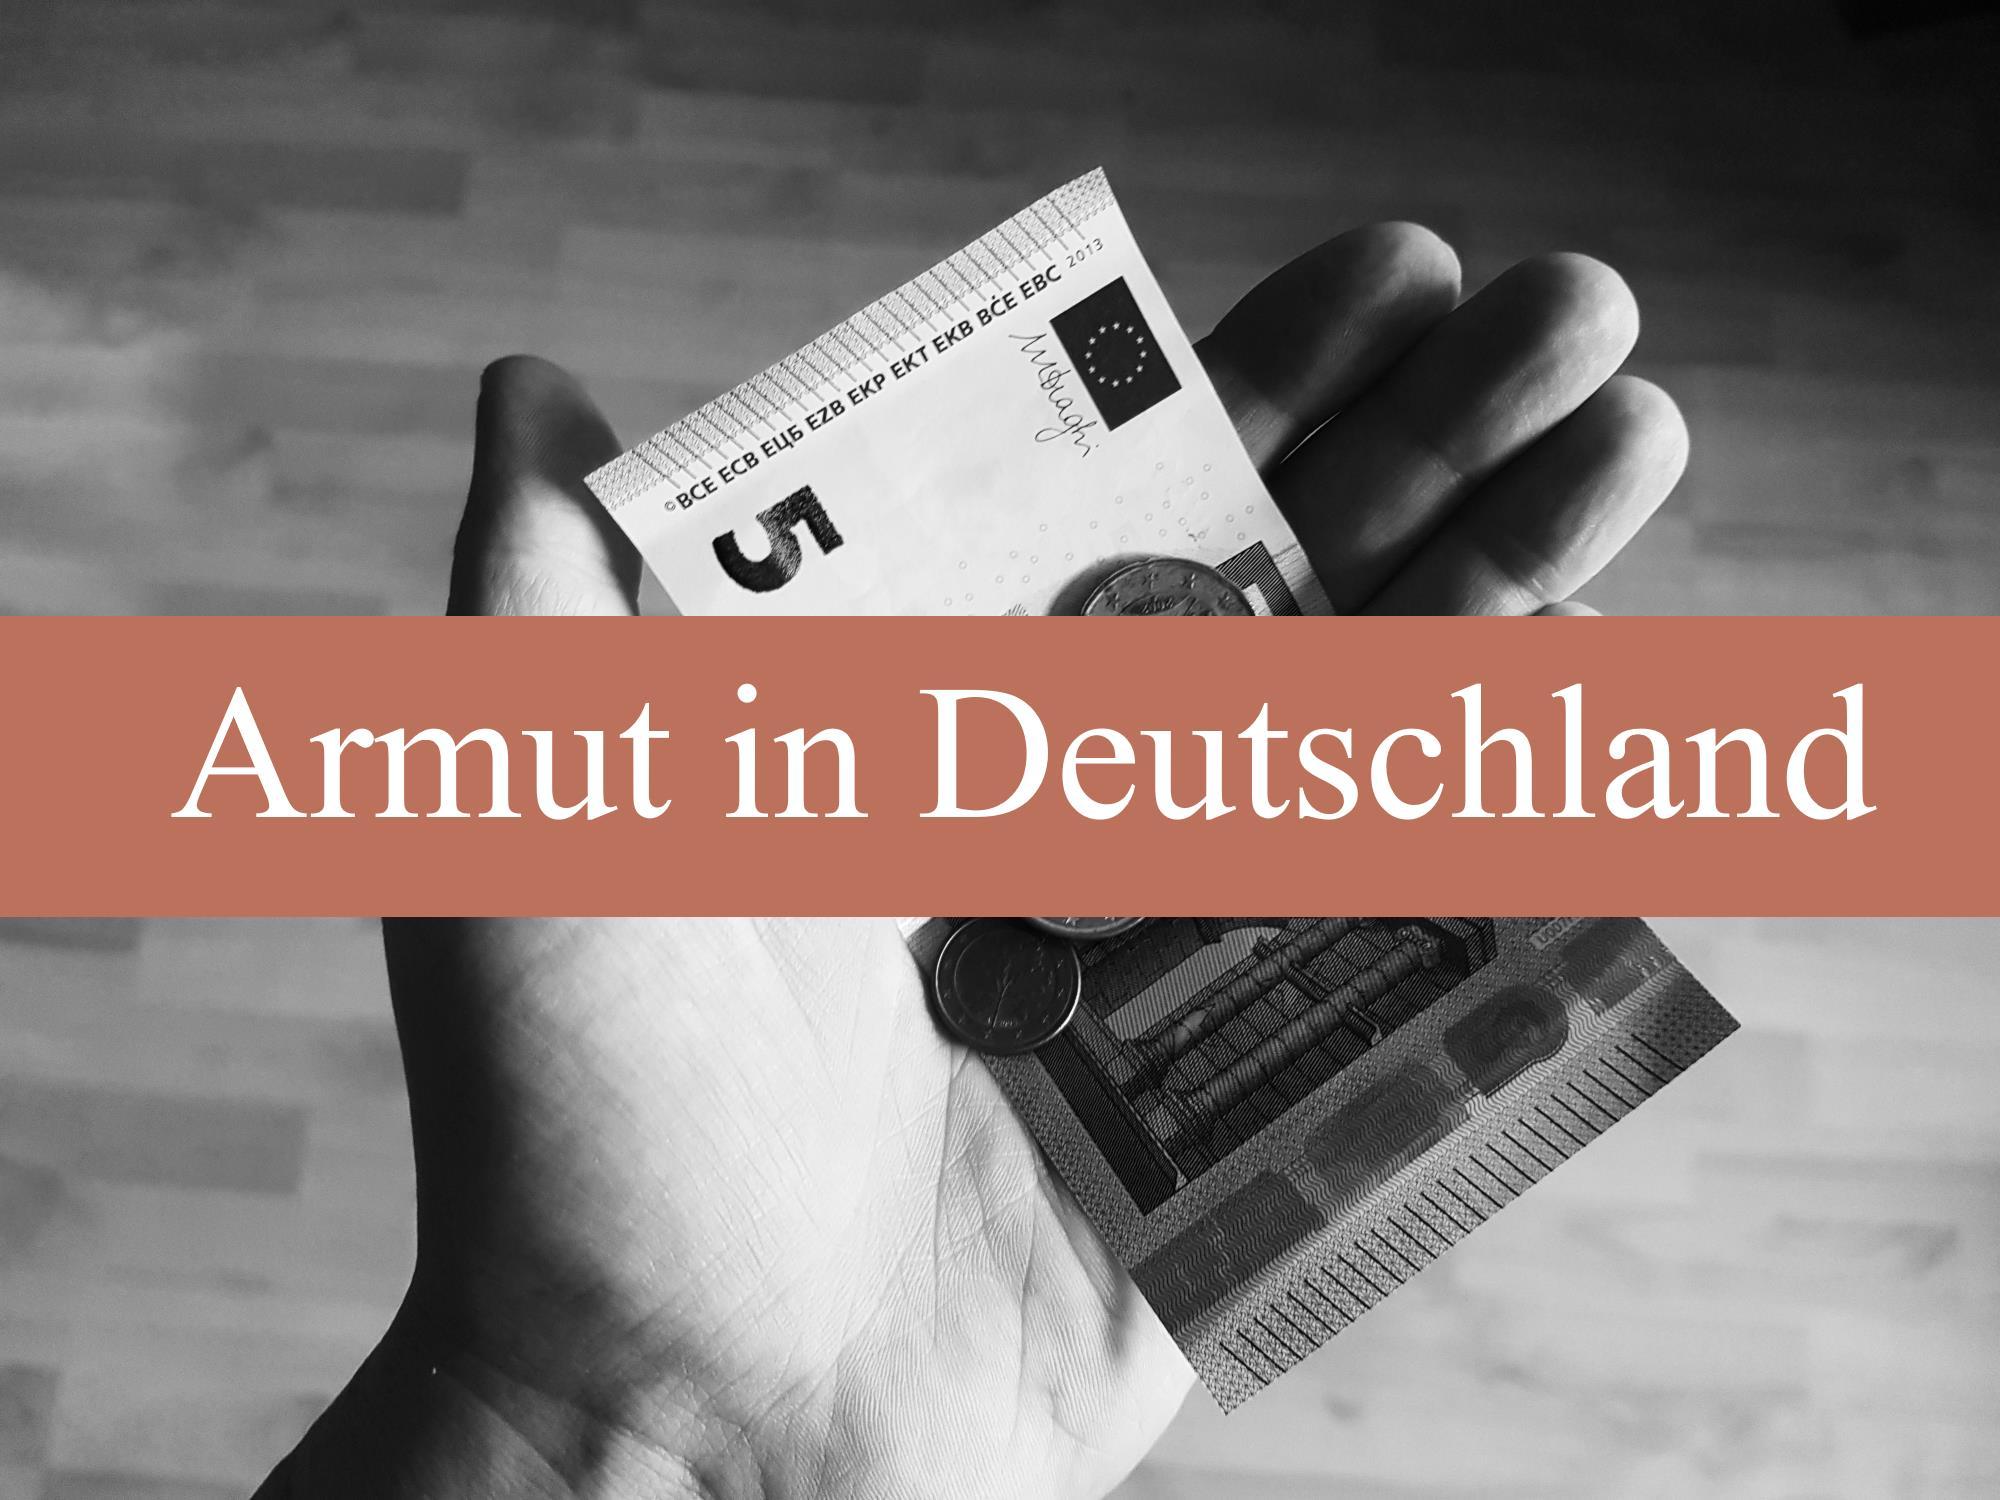 [Projekt] Armut in Deutschland. Wer ist arm?